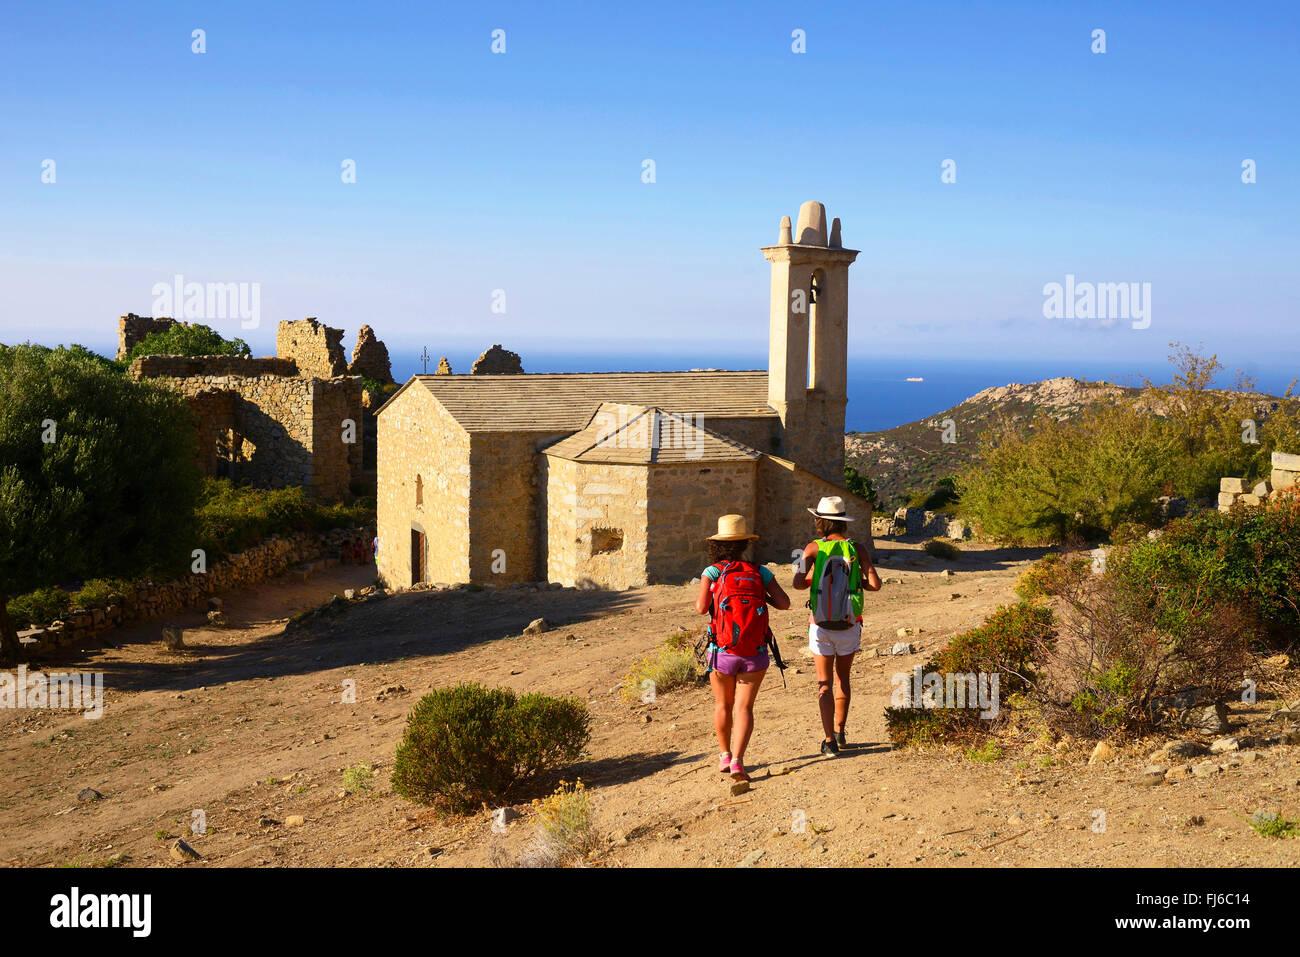 Wanderer en la pequeña aldea de Occi en desuso, Francia, Córcega, Calvi Imagen De Stock